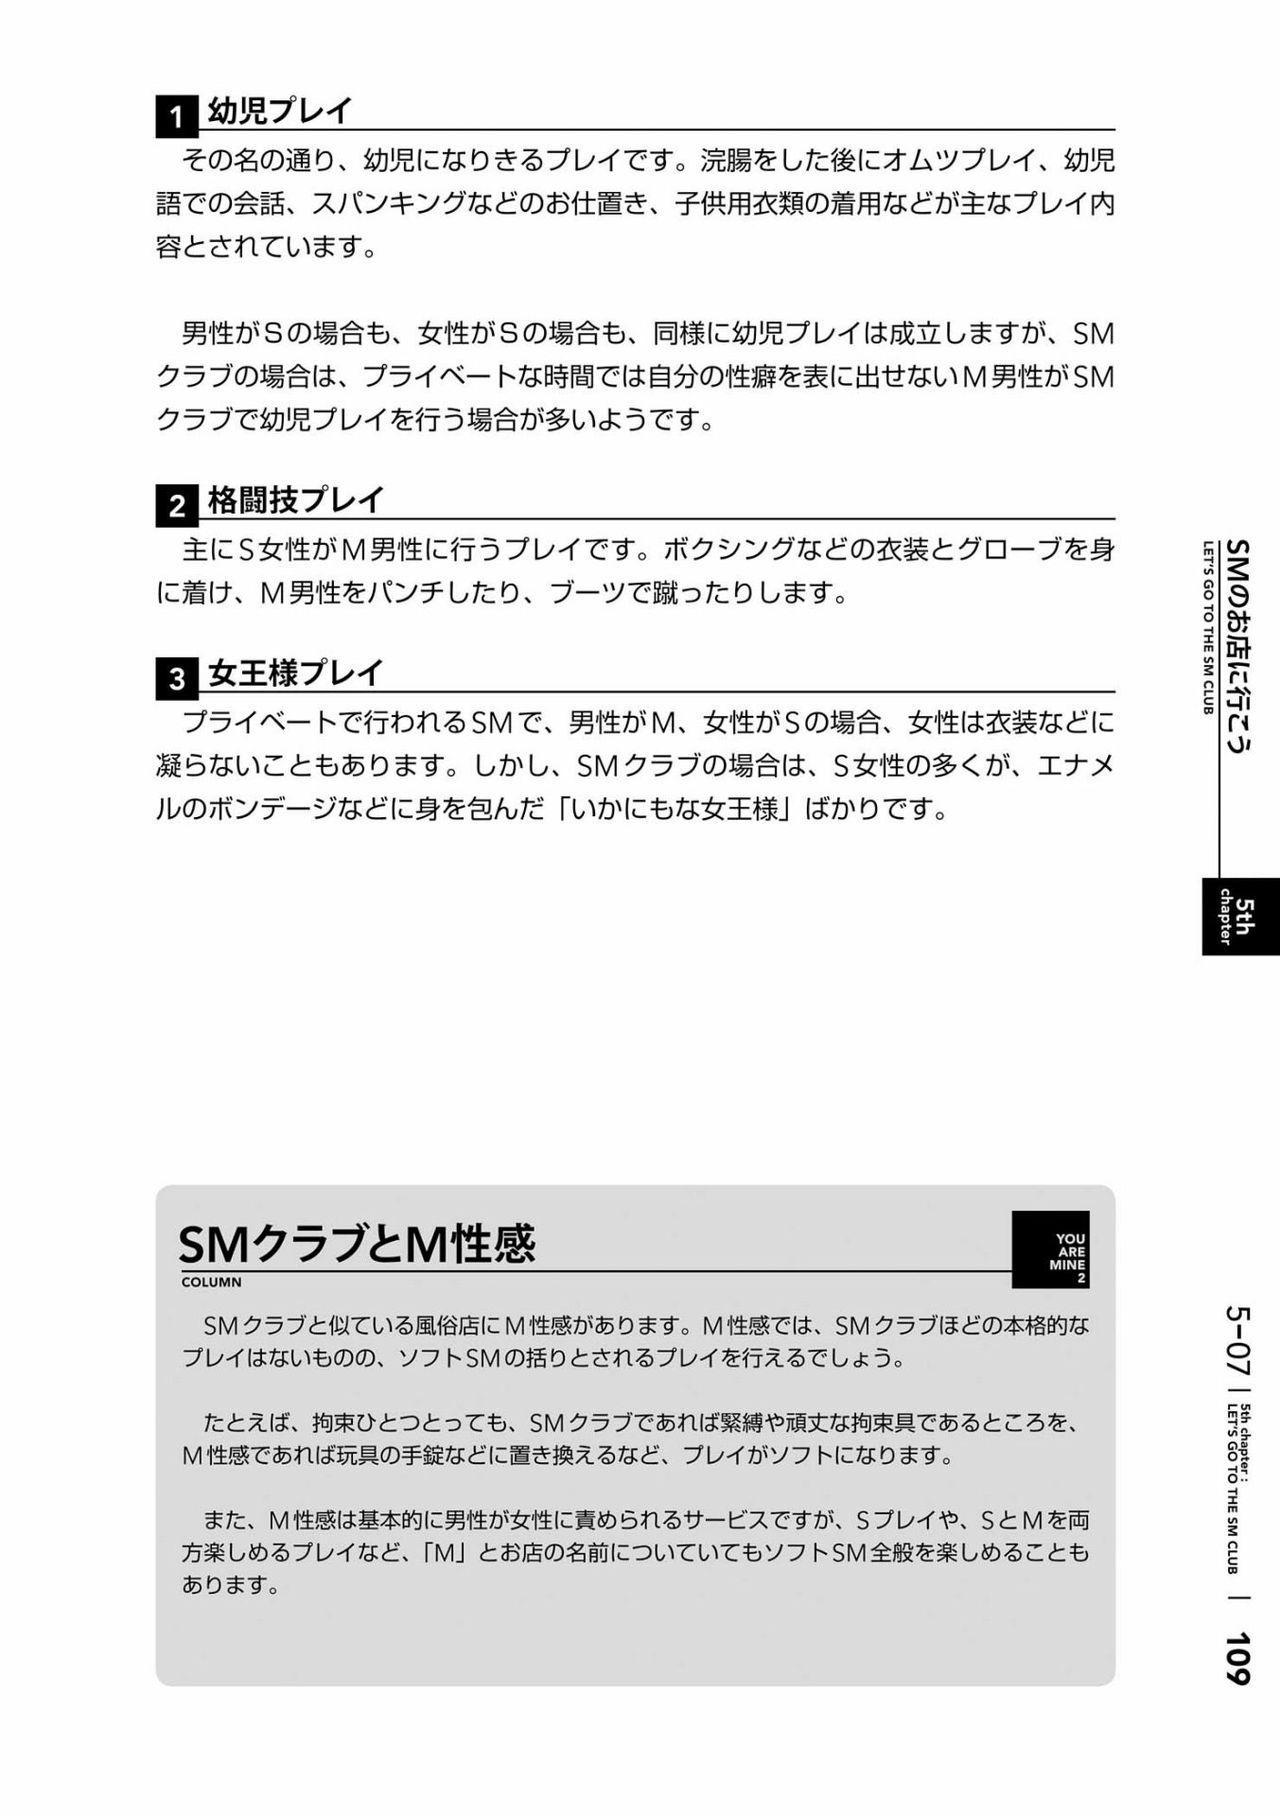 [Mitsuba] Karada mo Kokoro mo Boku no Mono ~Hajimete no SM Guide~ 2 [Digital] 111